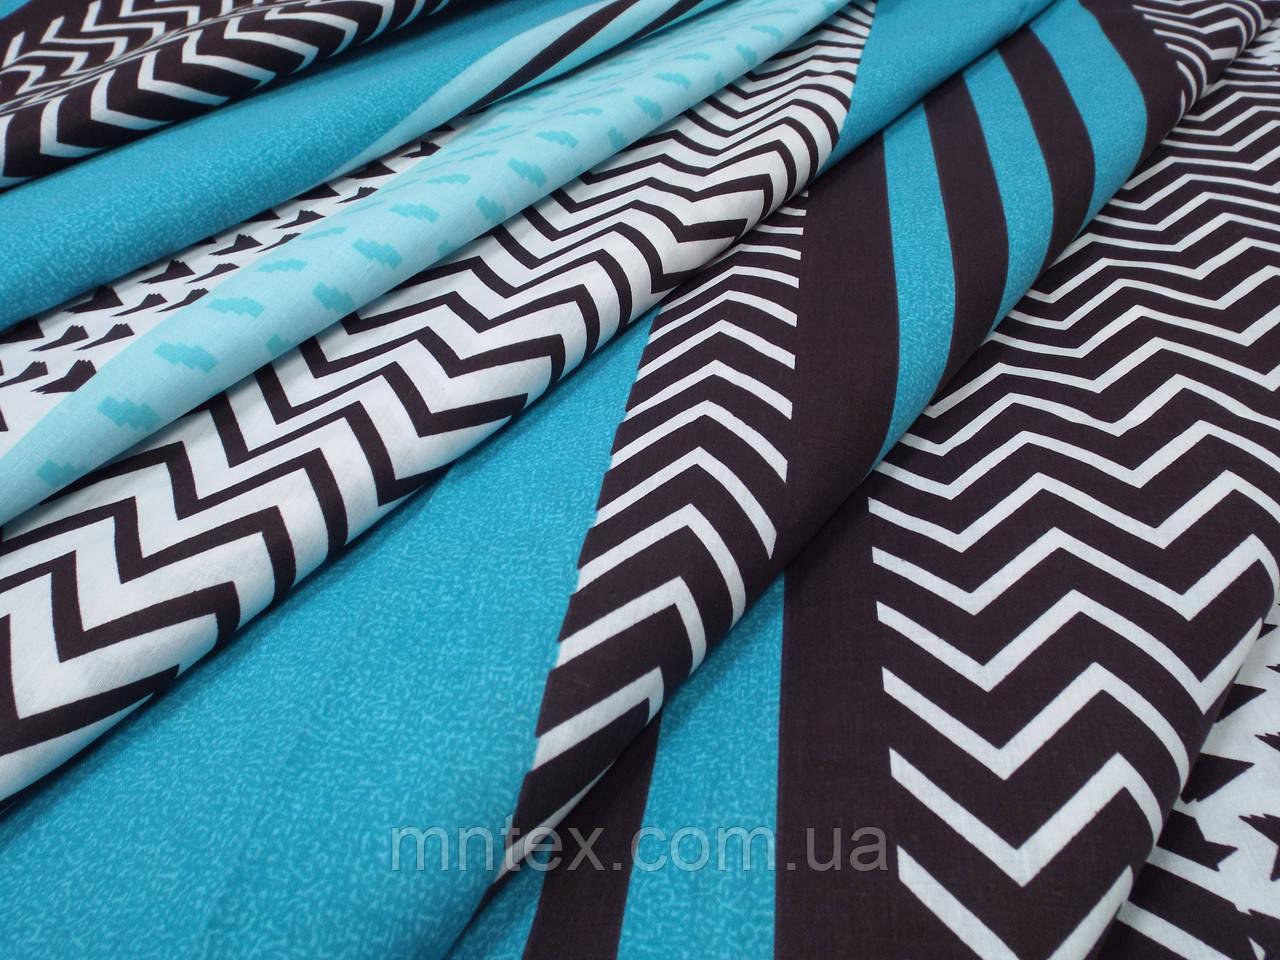 Ткань для пошива постельного белья бязь голд Одеситка